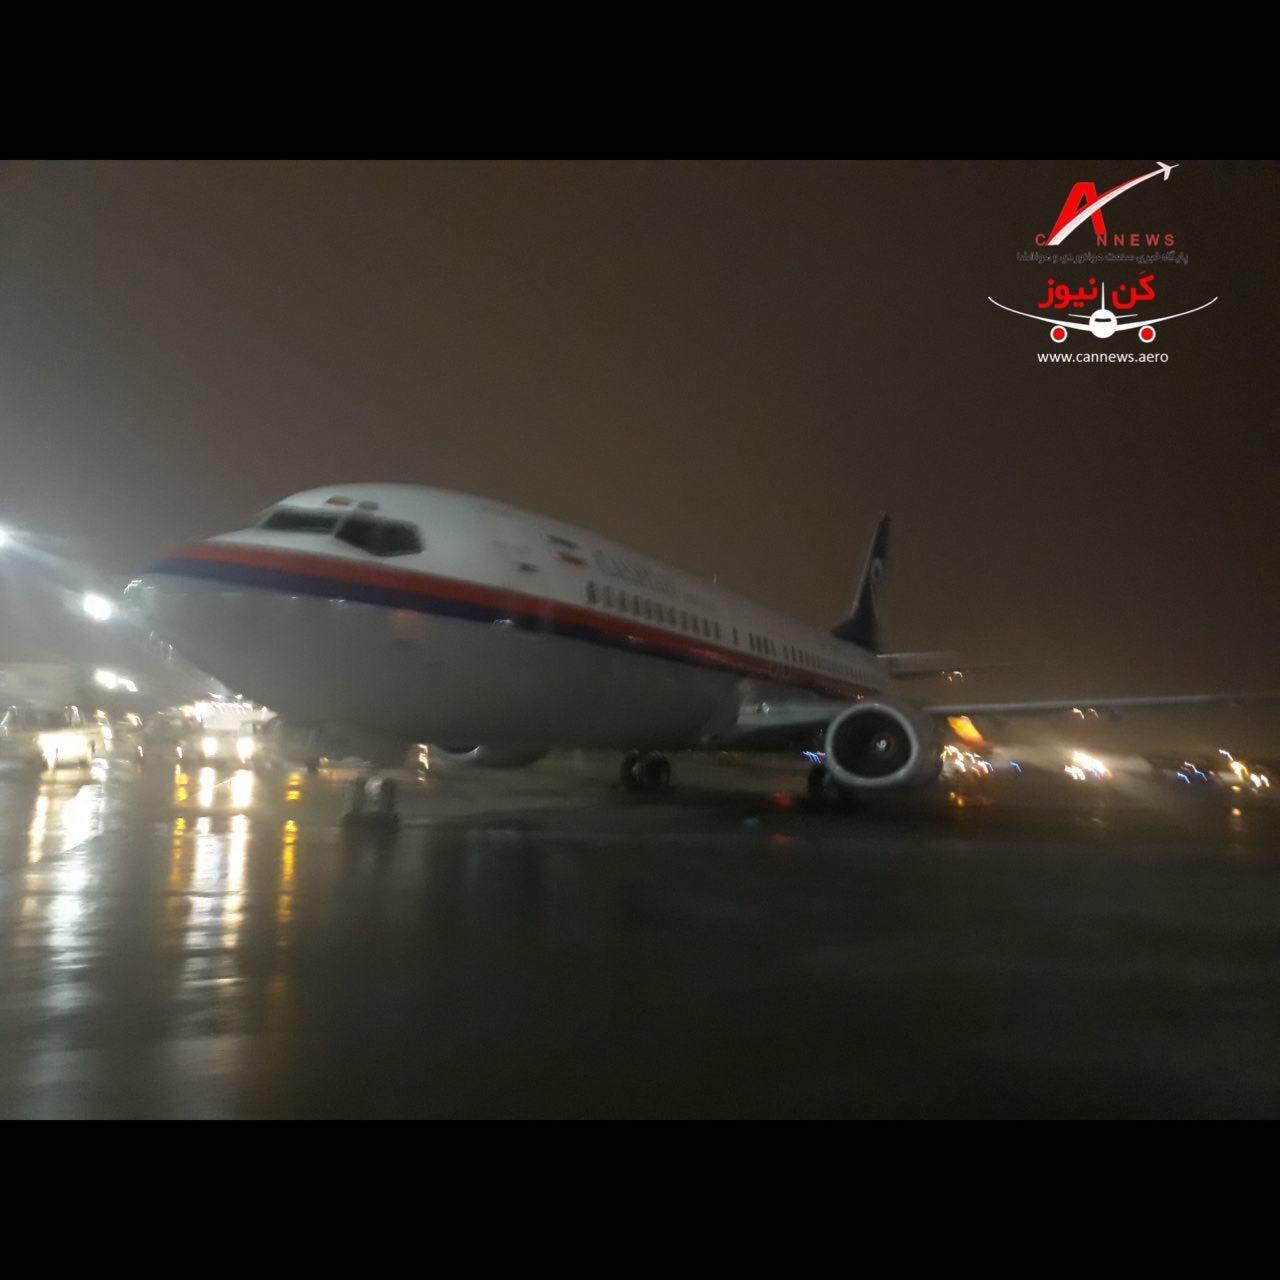 مهار هواپیمای کاسپین در طوفان شدید تهران + عکس